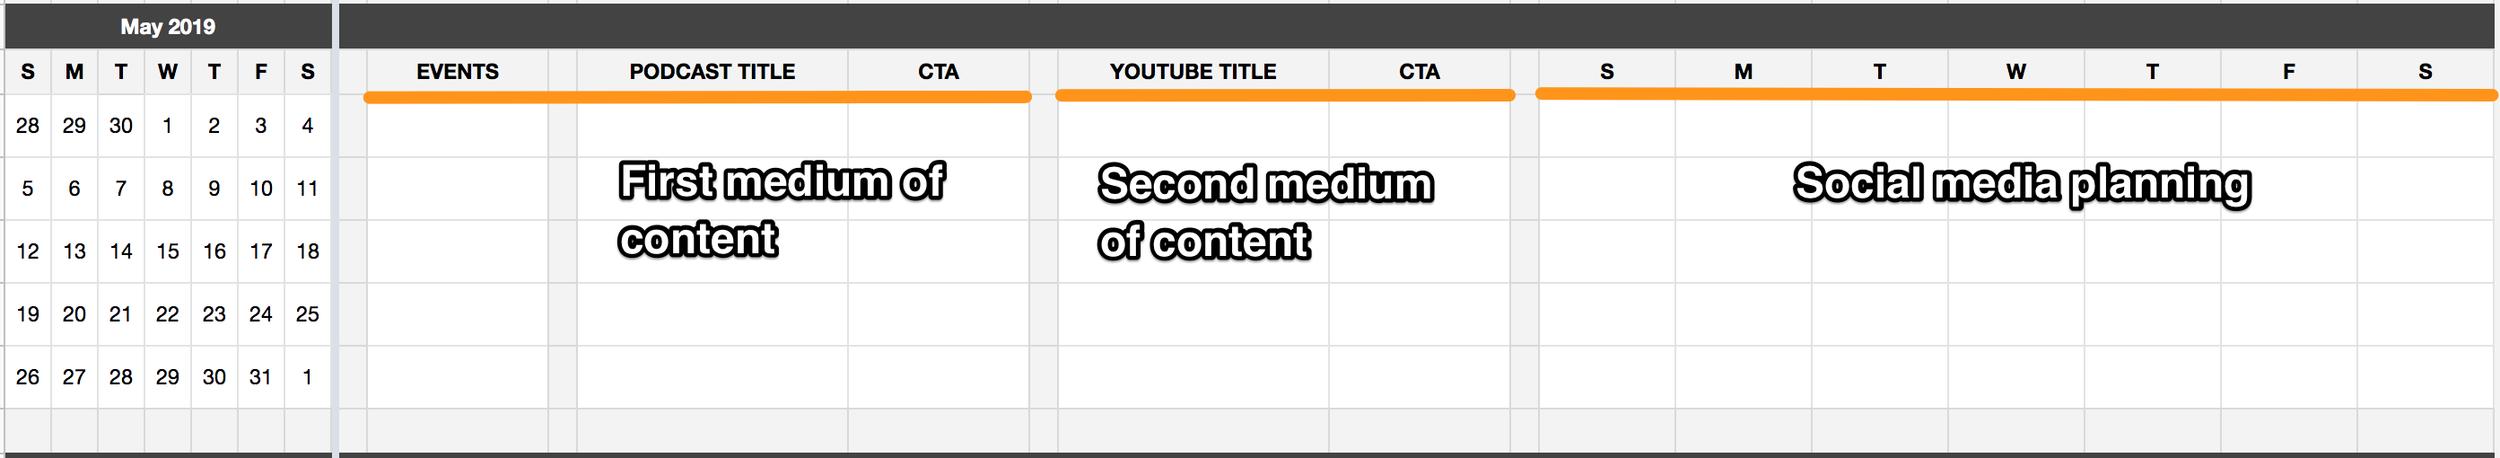 Content Calendar Template Columns - Megan Minns